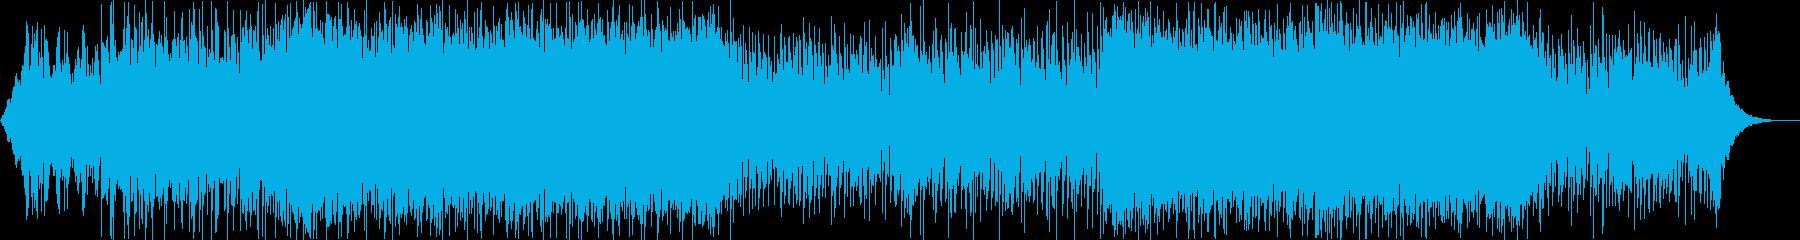 怪しい研究所のようなBGMの再生済みの波形